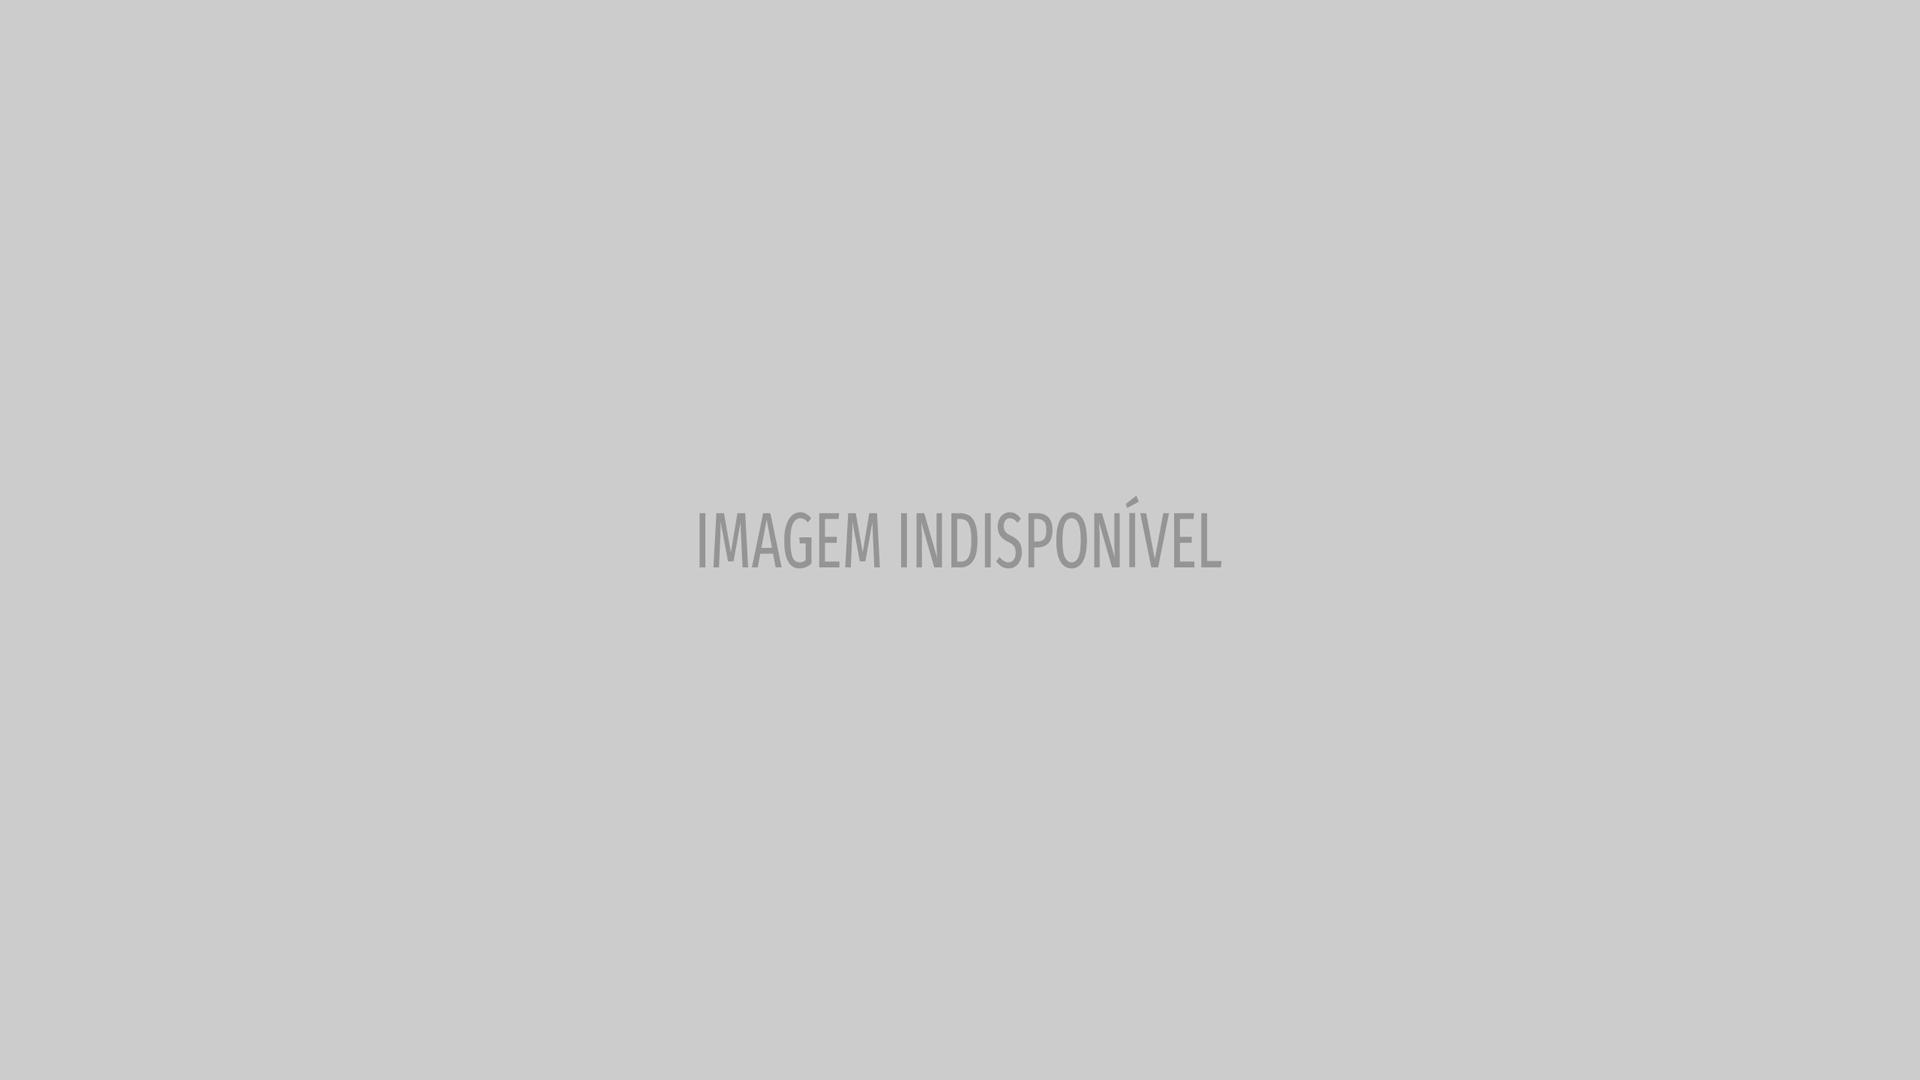 #shineline, ou melhor, a moda de ter um arco-íris na cabeça